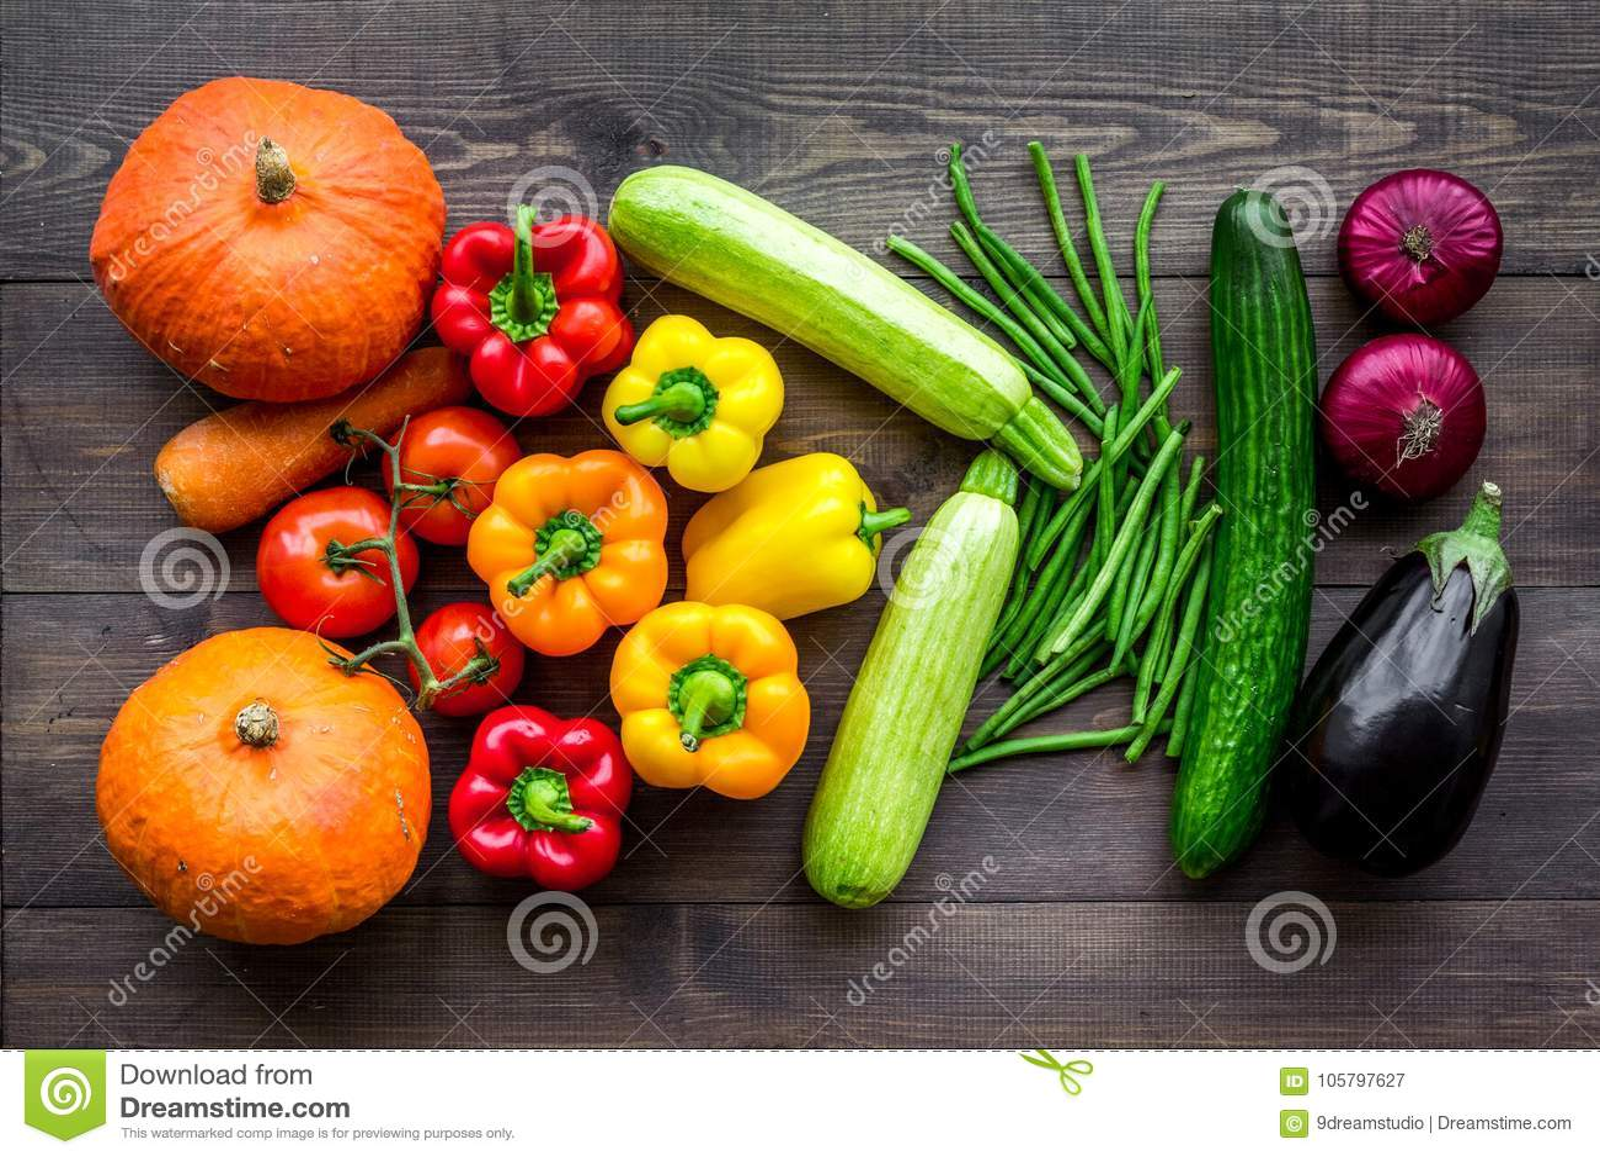 Основание здорового питания Овощи тыква, паприка, томаты, морковь, цукини, баклажан на темной деревянной верхней части предпосылк